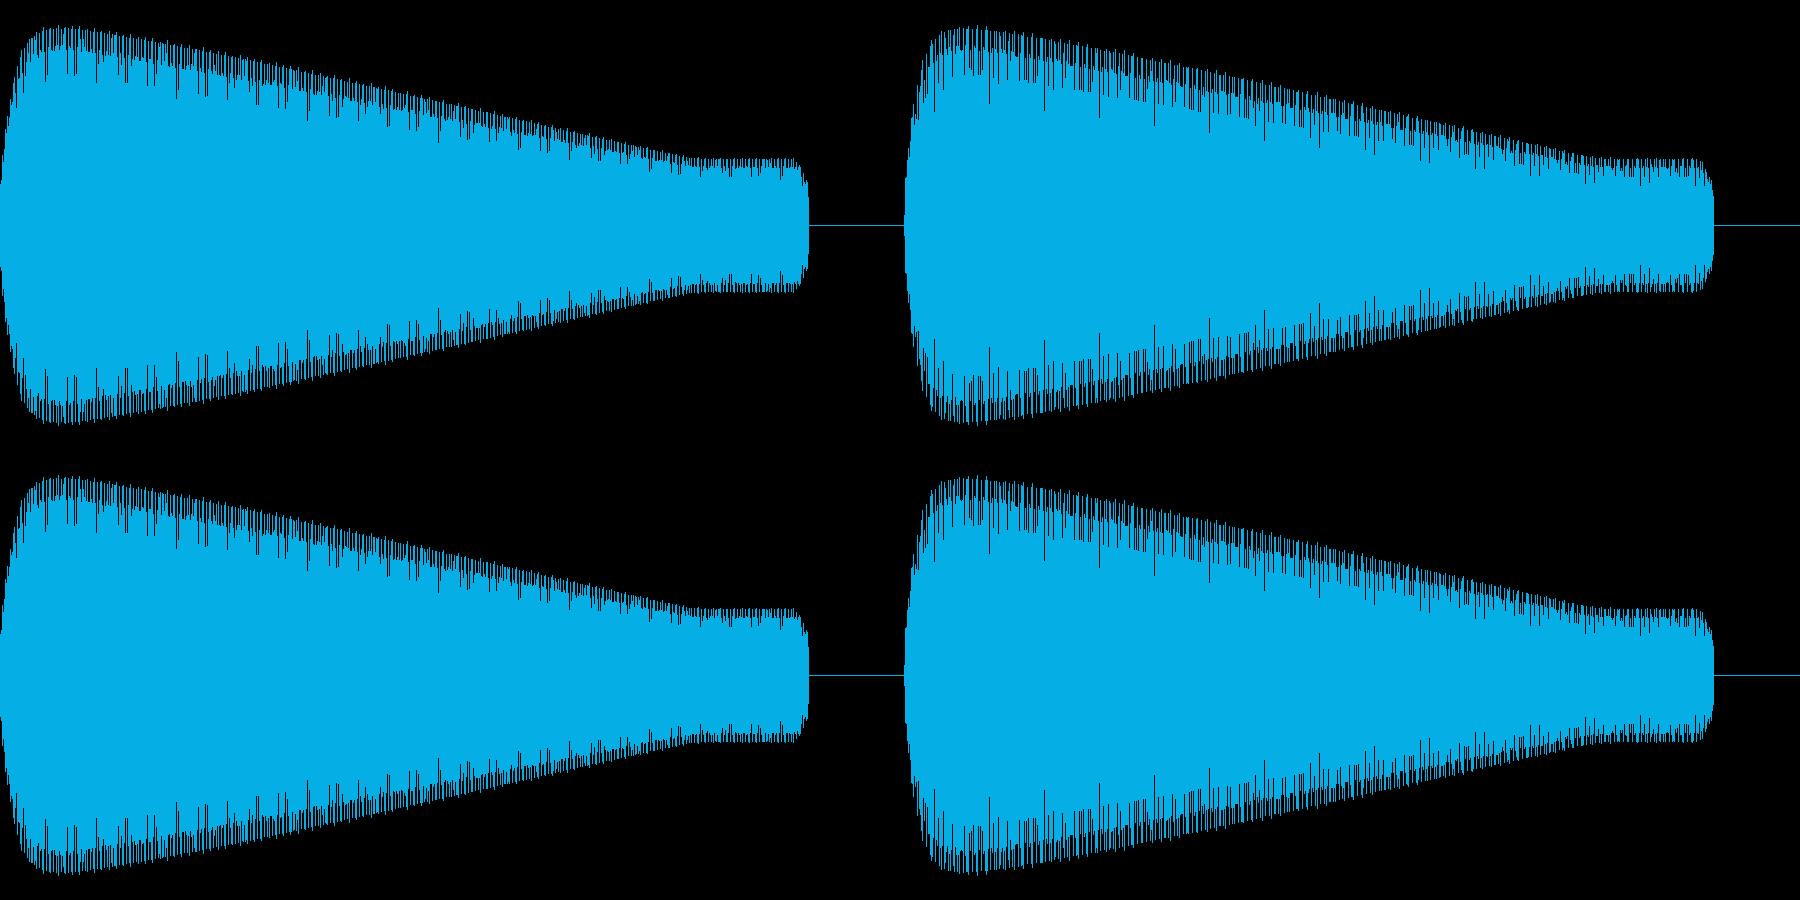 レトロゲーム風「ピンポン」の再生済みの波形